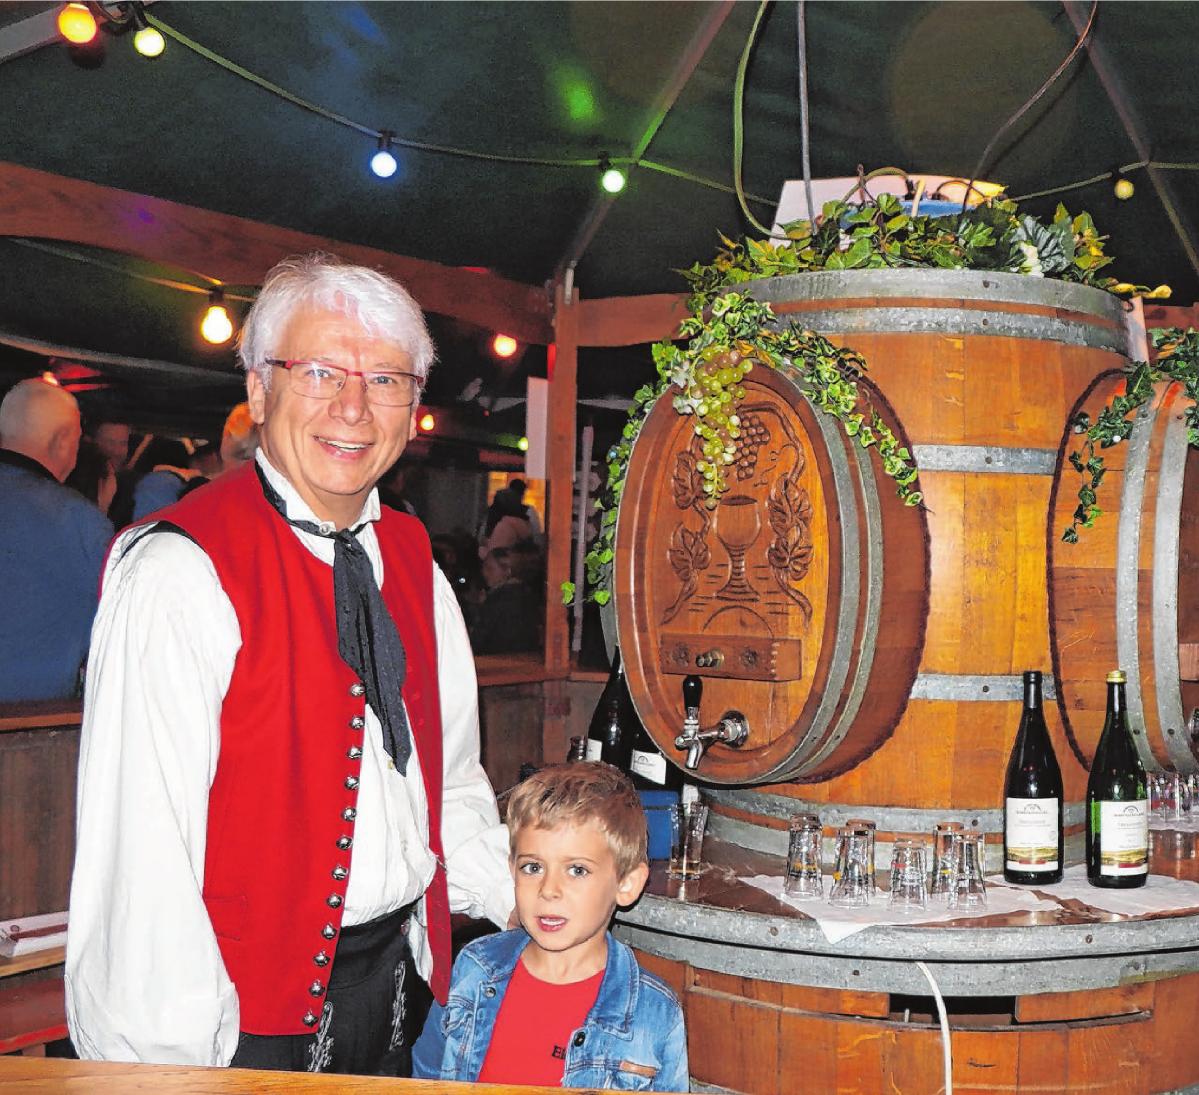 Feine Tröpfchen werden am Weinstand ausgeschenkt. Foto: Maria Bloching